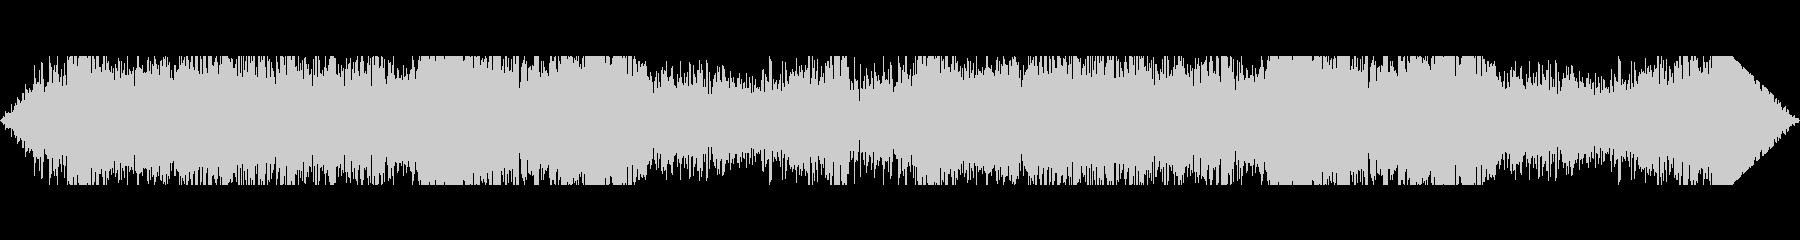 ギャラクティックバトル:レーザーシ...の未再生の波形